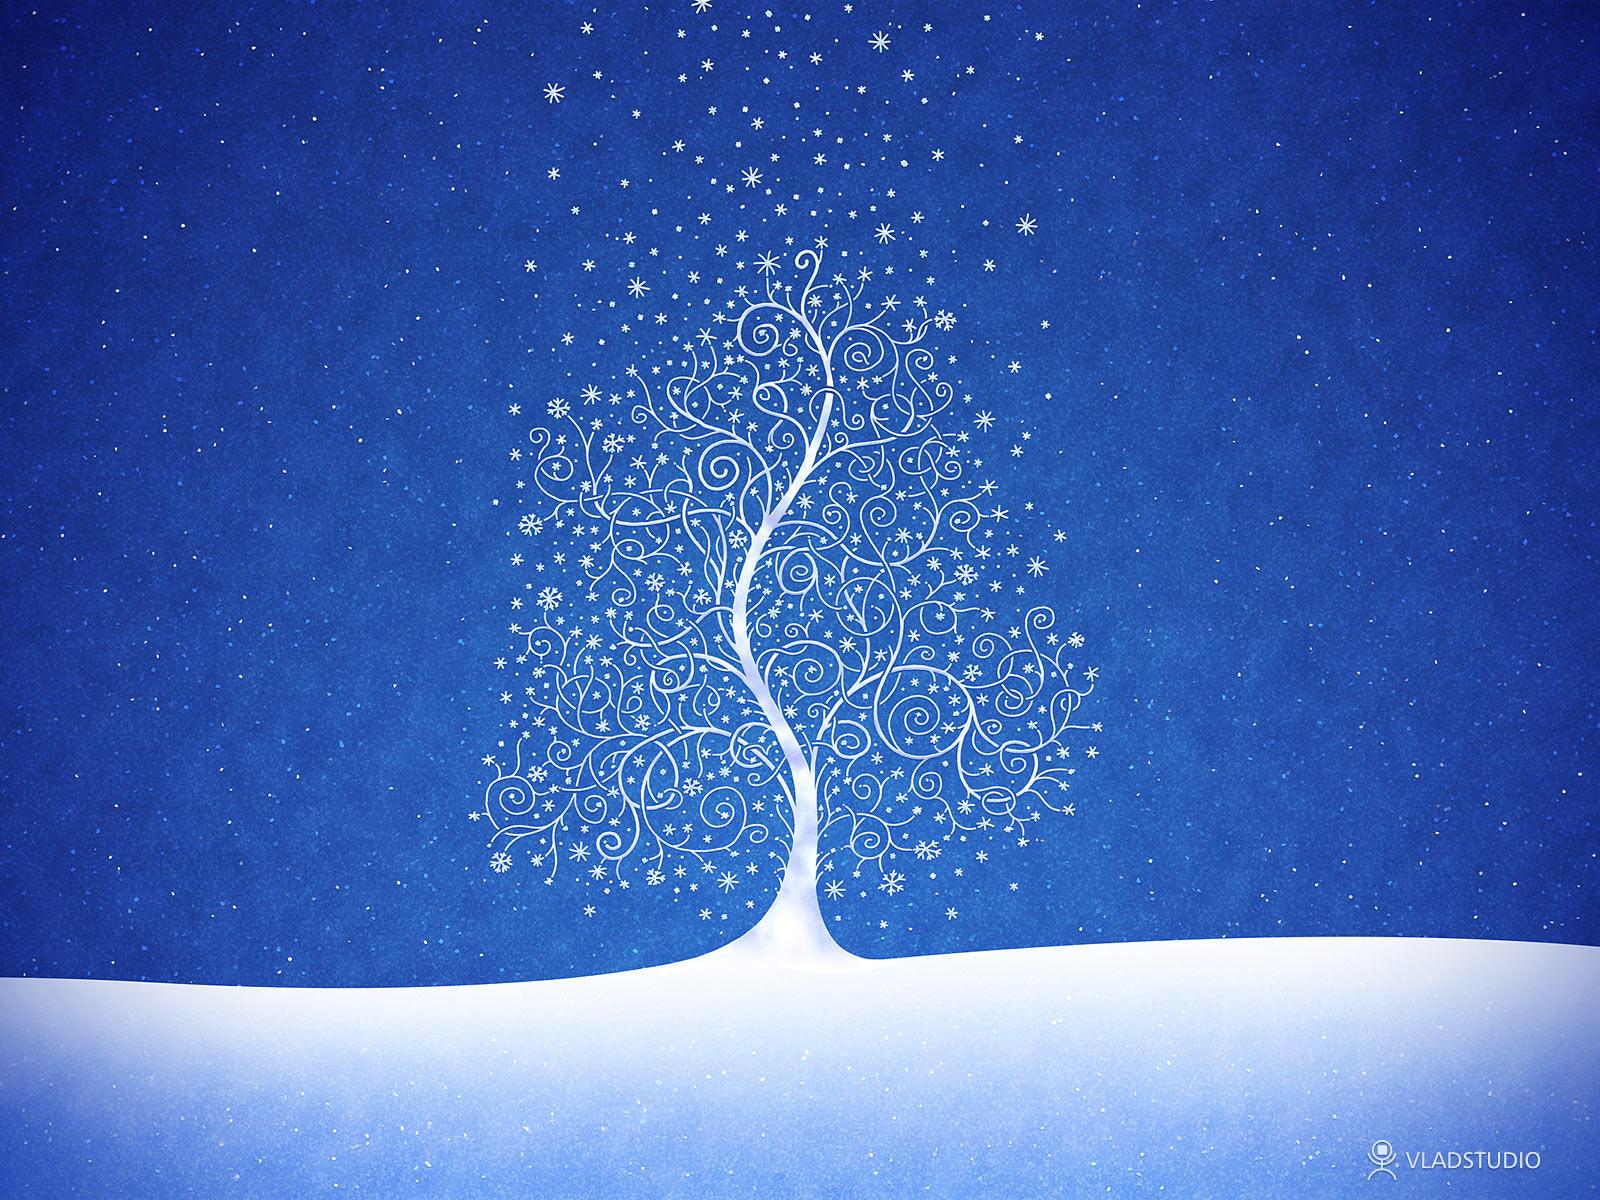 Where Snowflakes Are Born by vladstudio